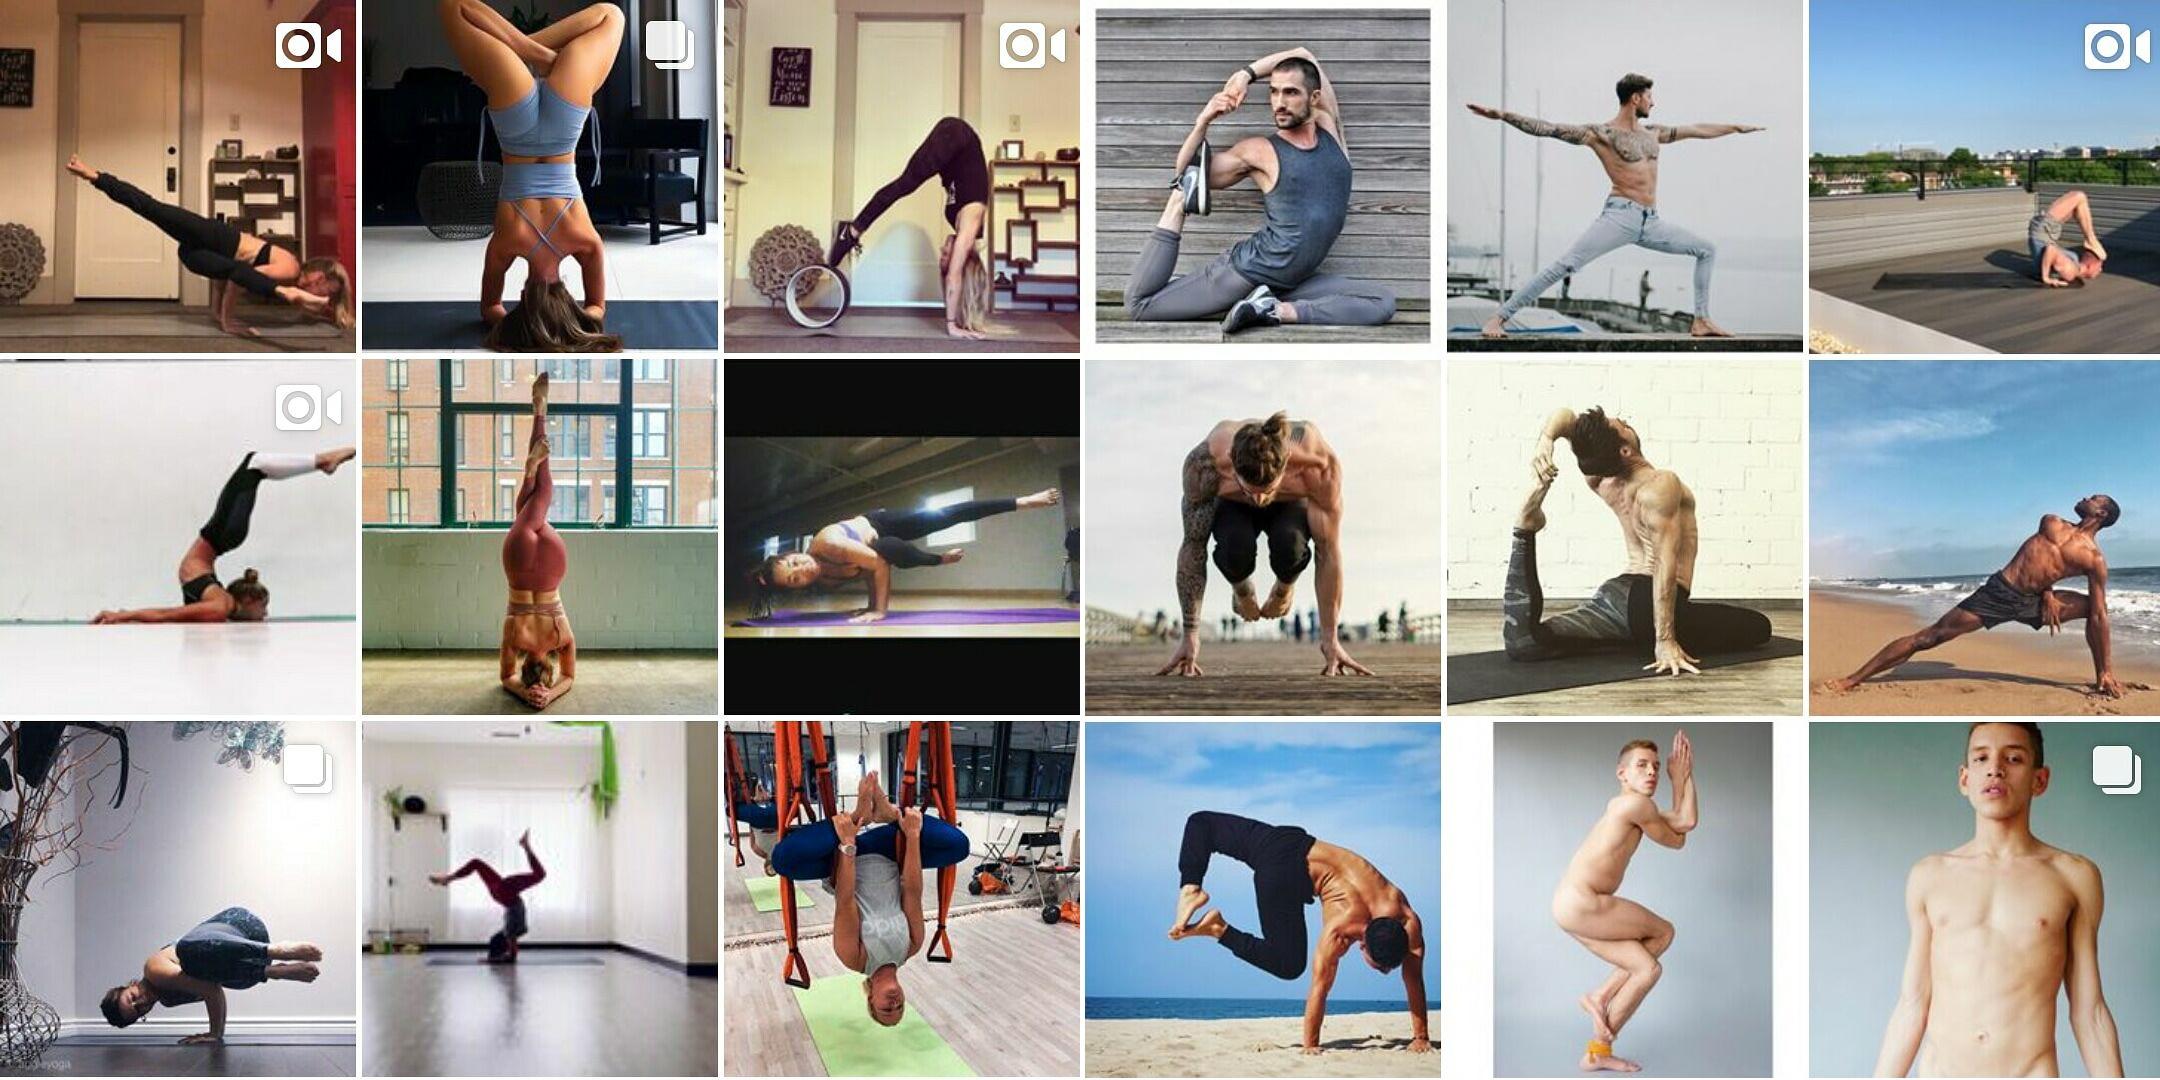 yoga-immagine-vetrinizzazione